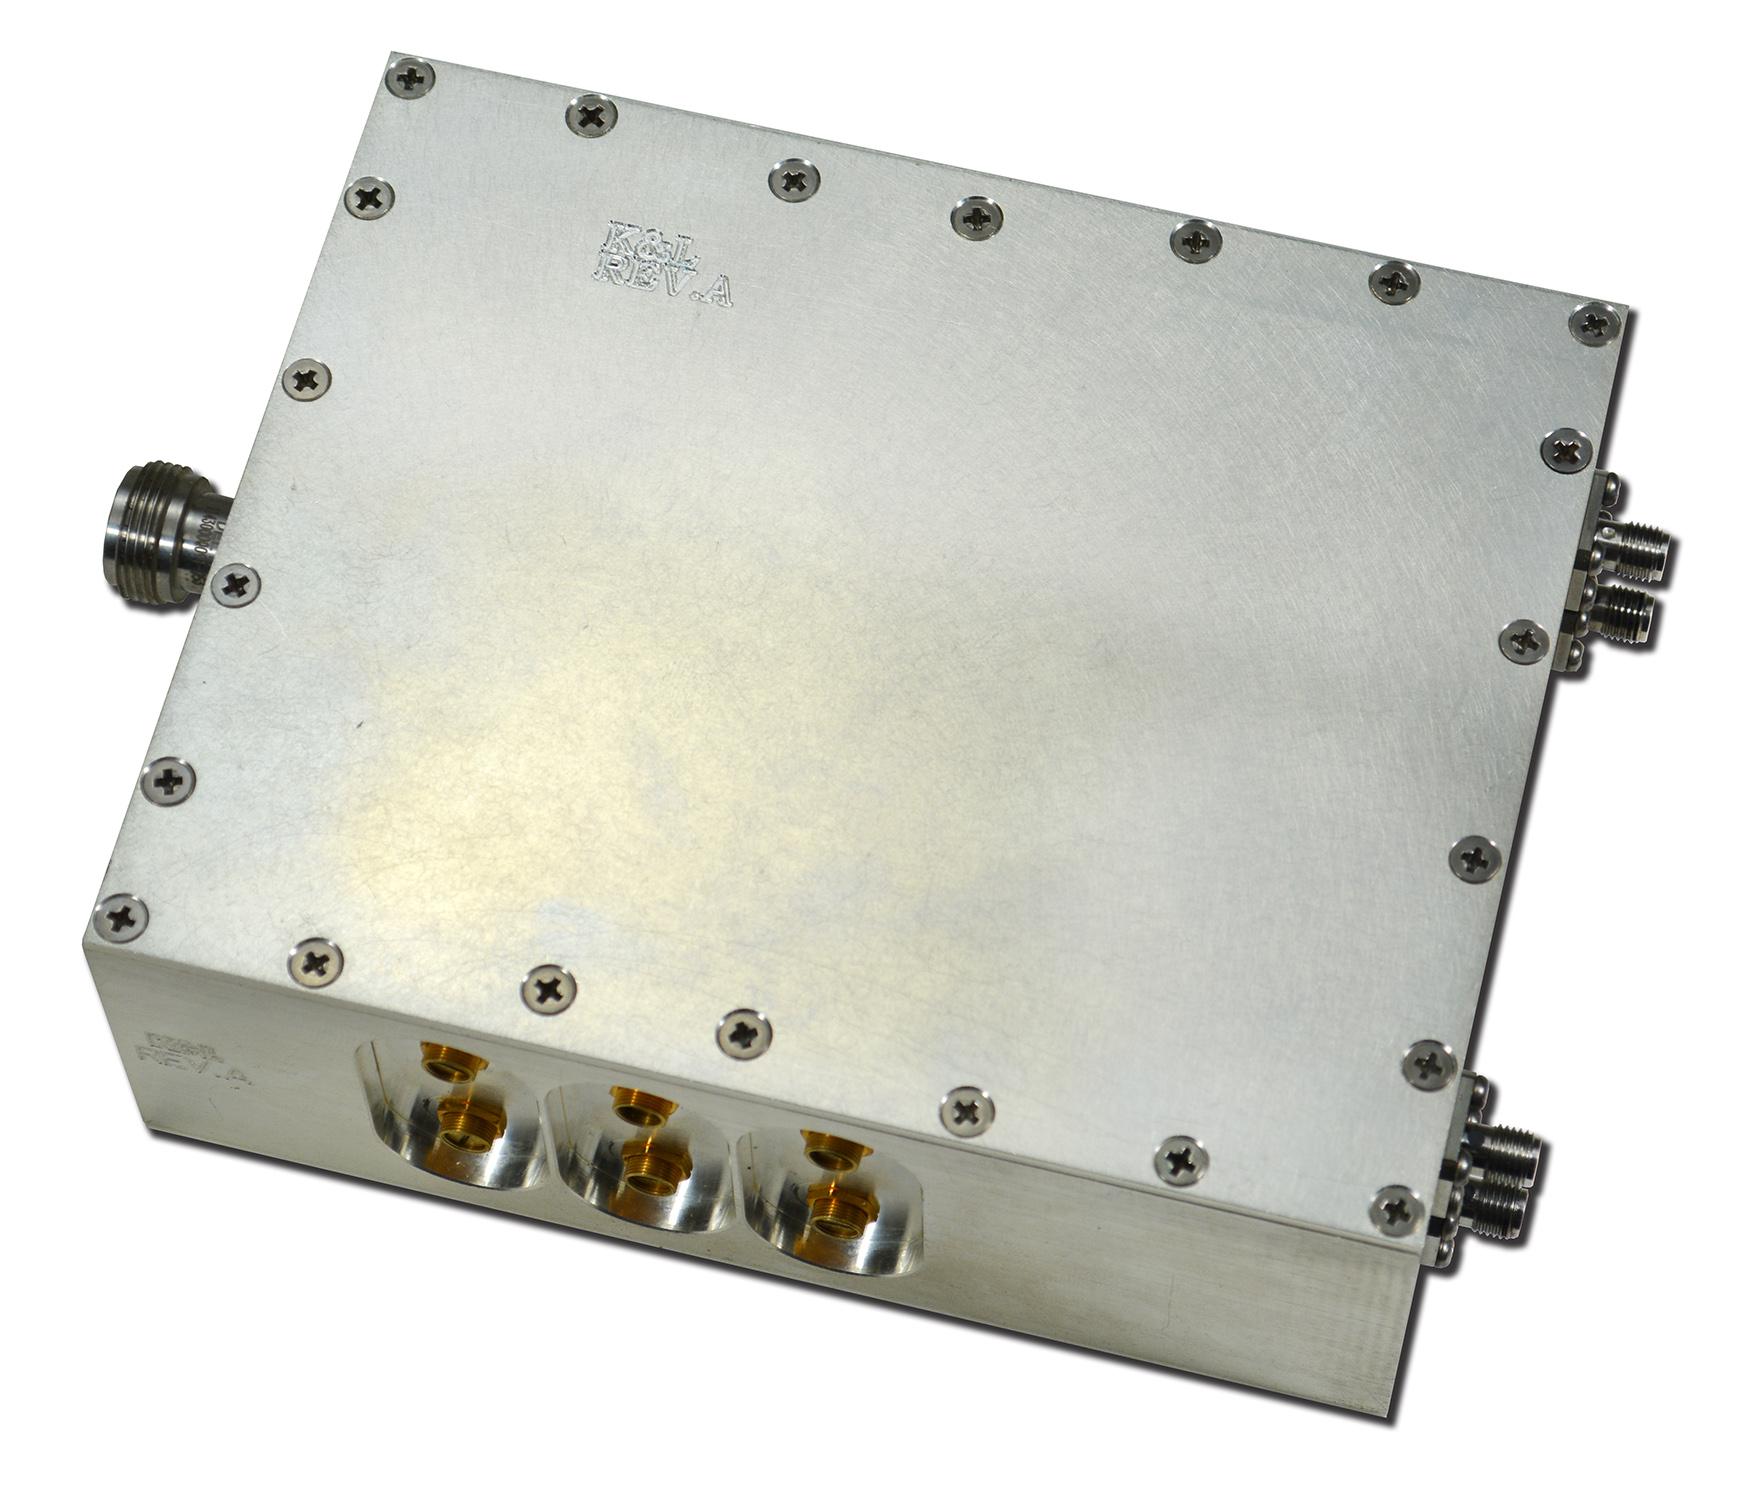 SPCL-00636